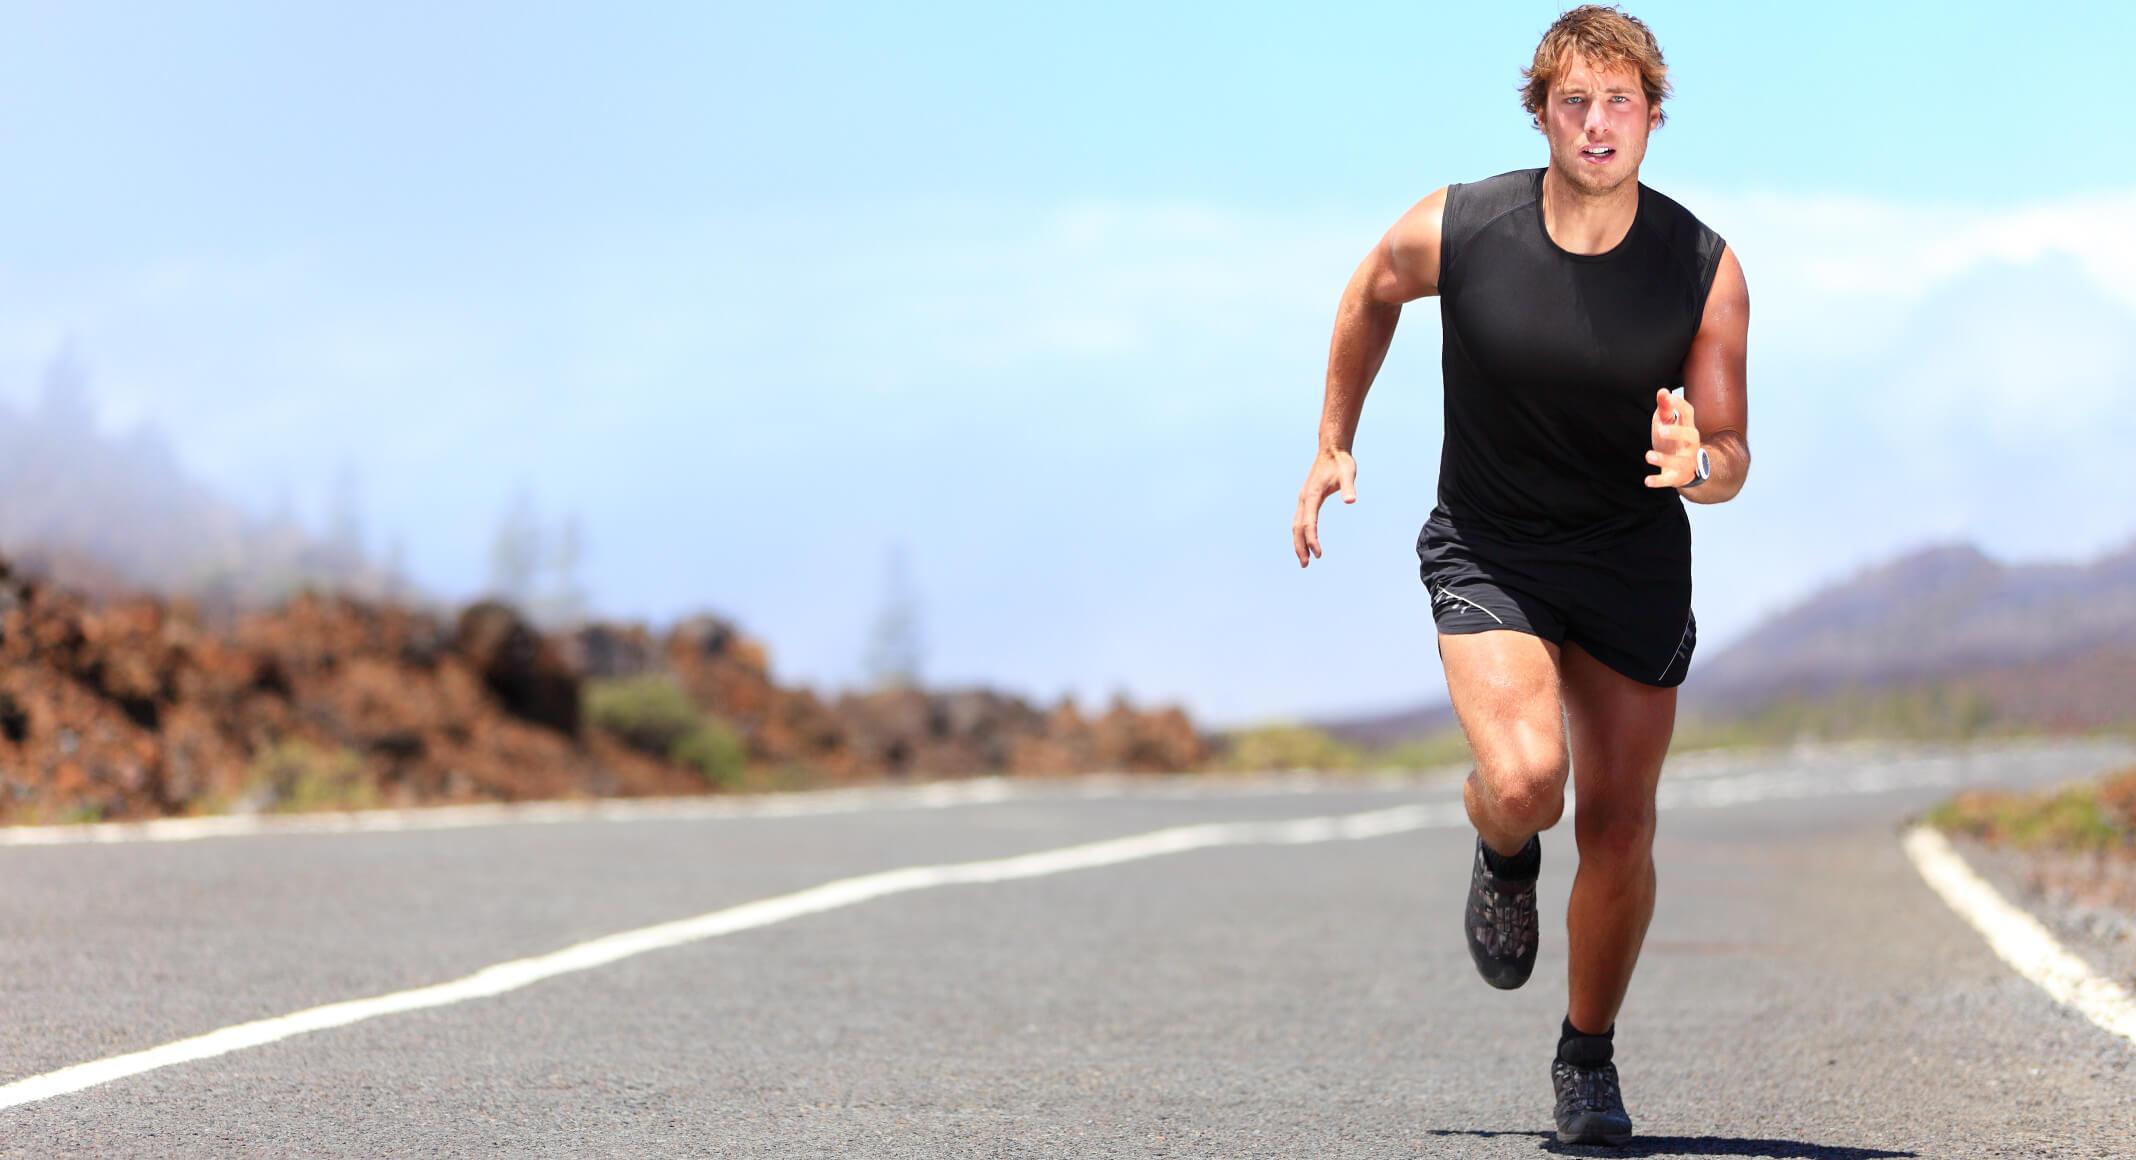 Sport verbessert die Darmflora, kurzkettige Fettsäuren durch Training